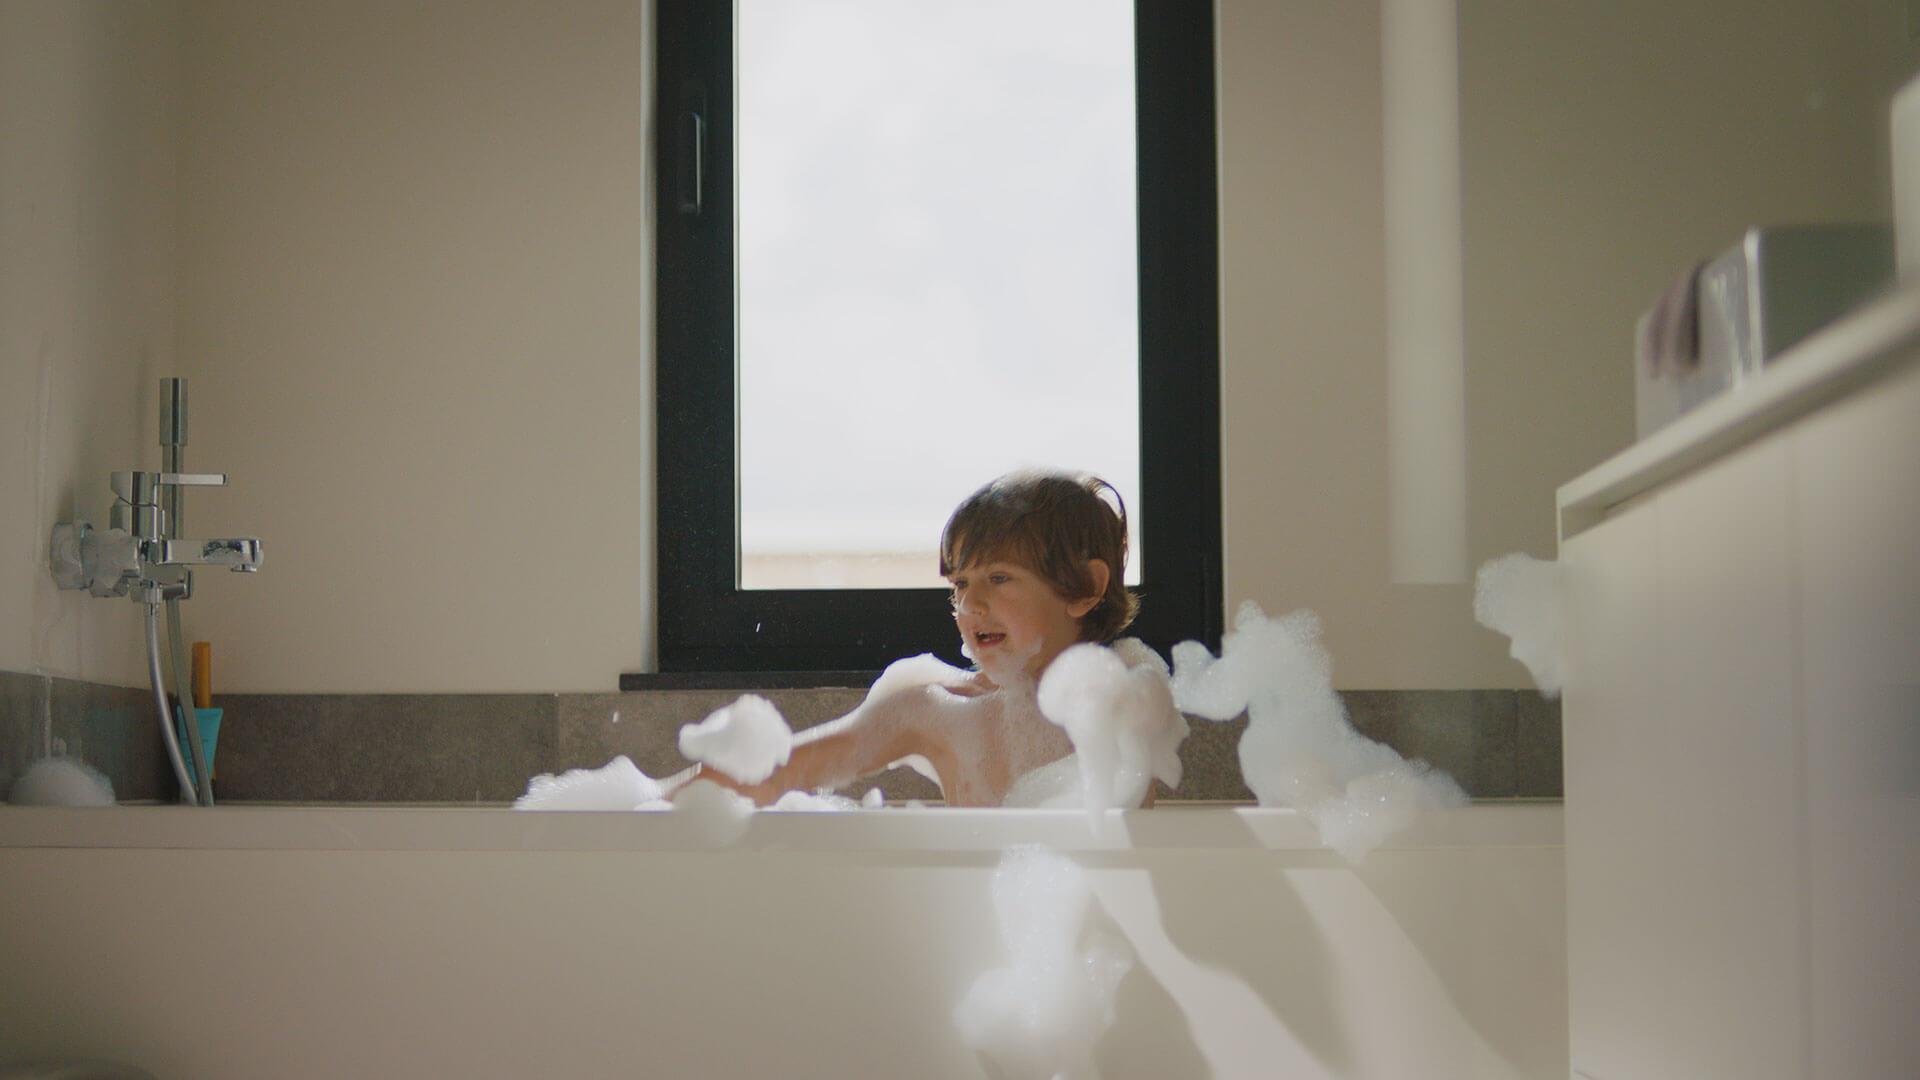 Healthbox 3 0: slimme ventilatie afgestemd op uw leefpatroon